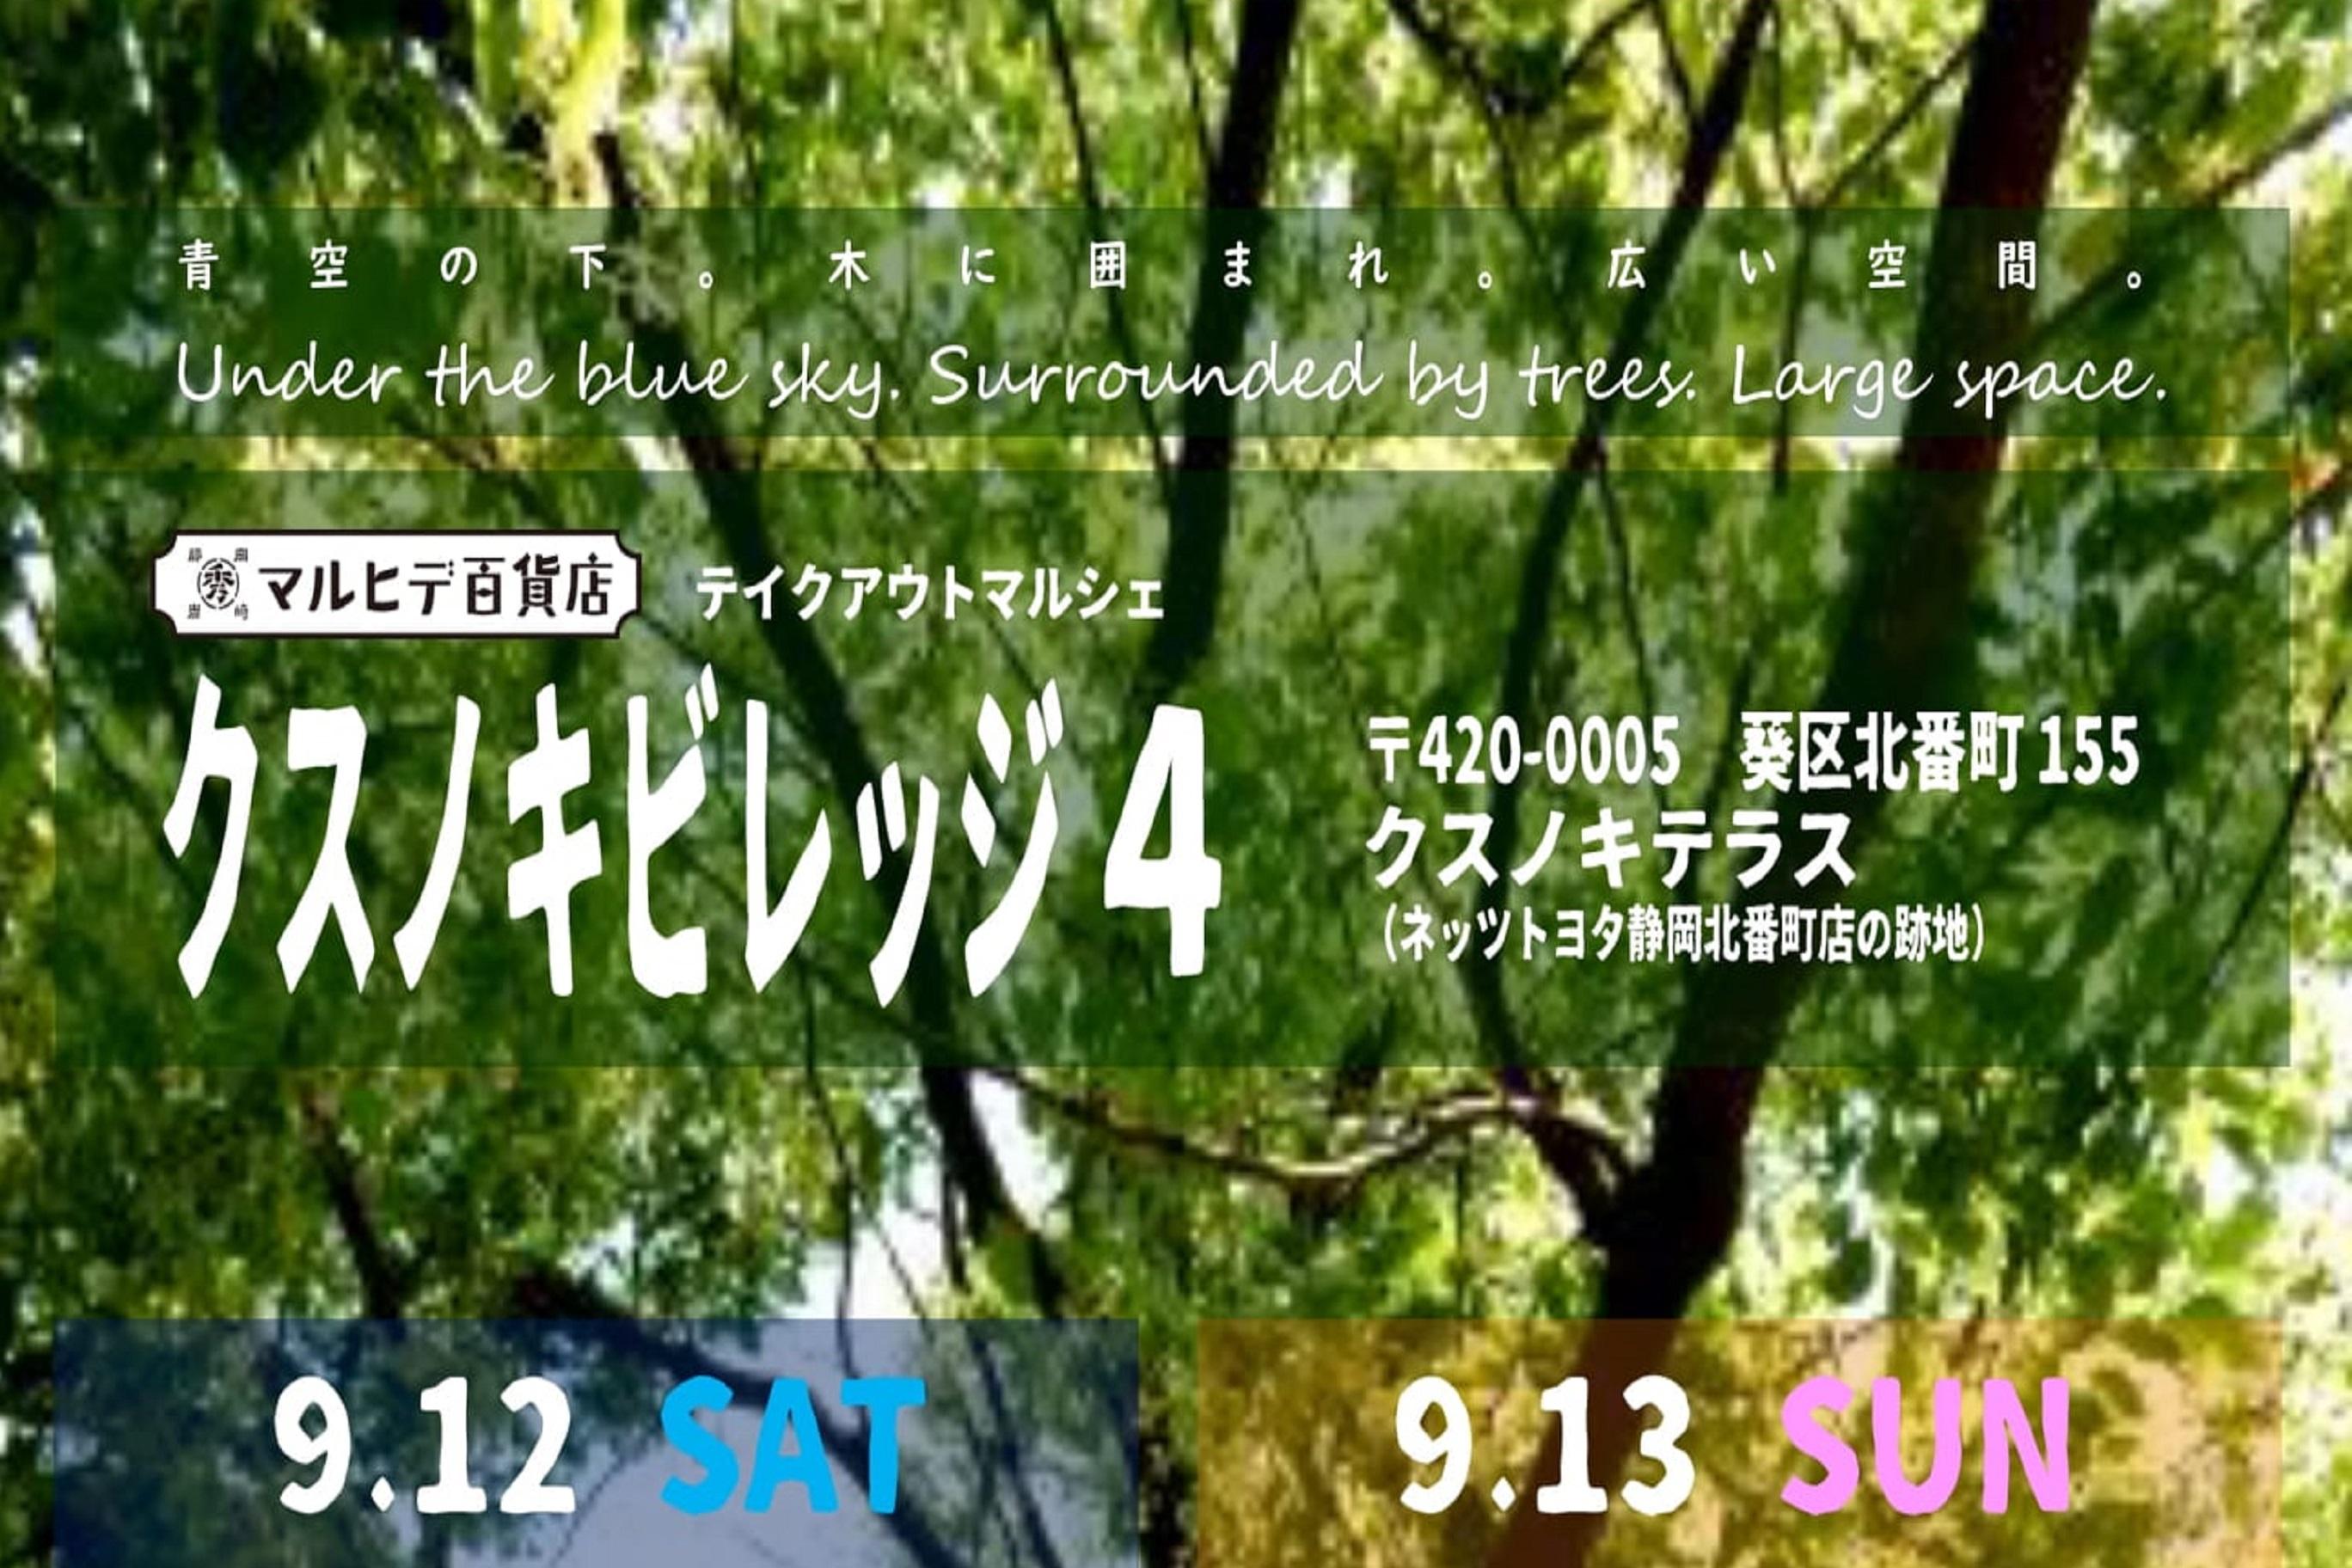 【お知らせ】2020年9月12日(土)『クスノキビレッジ』に出店します!(静岡市葵区北番町)